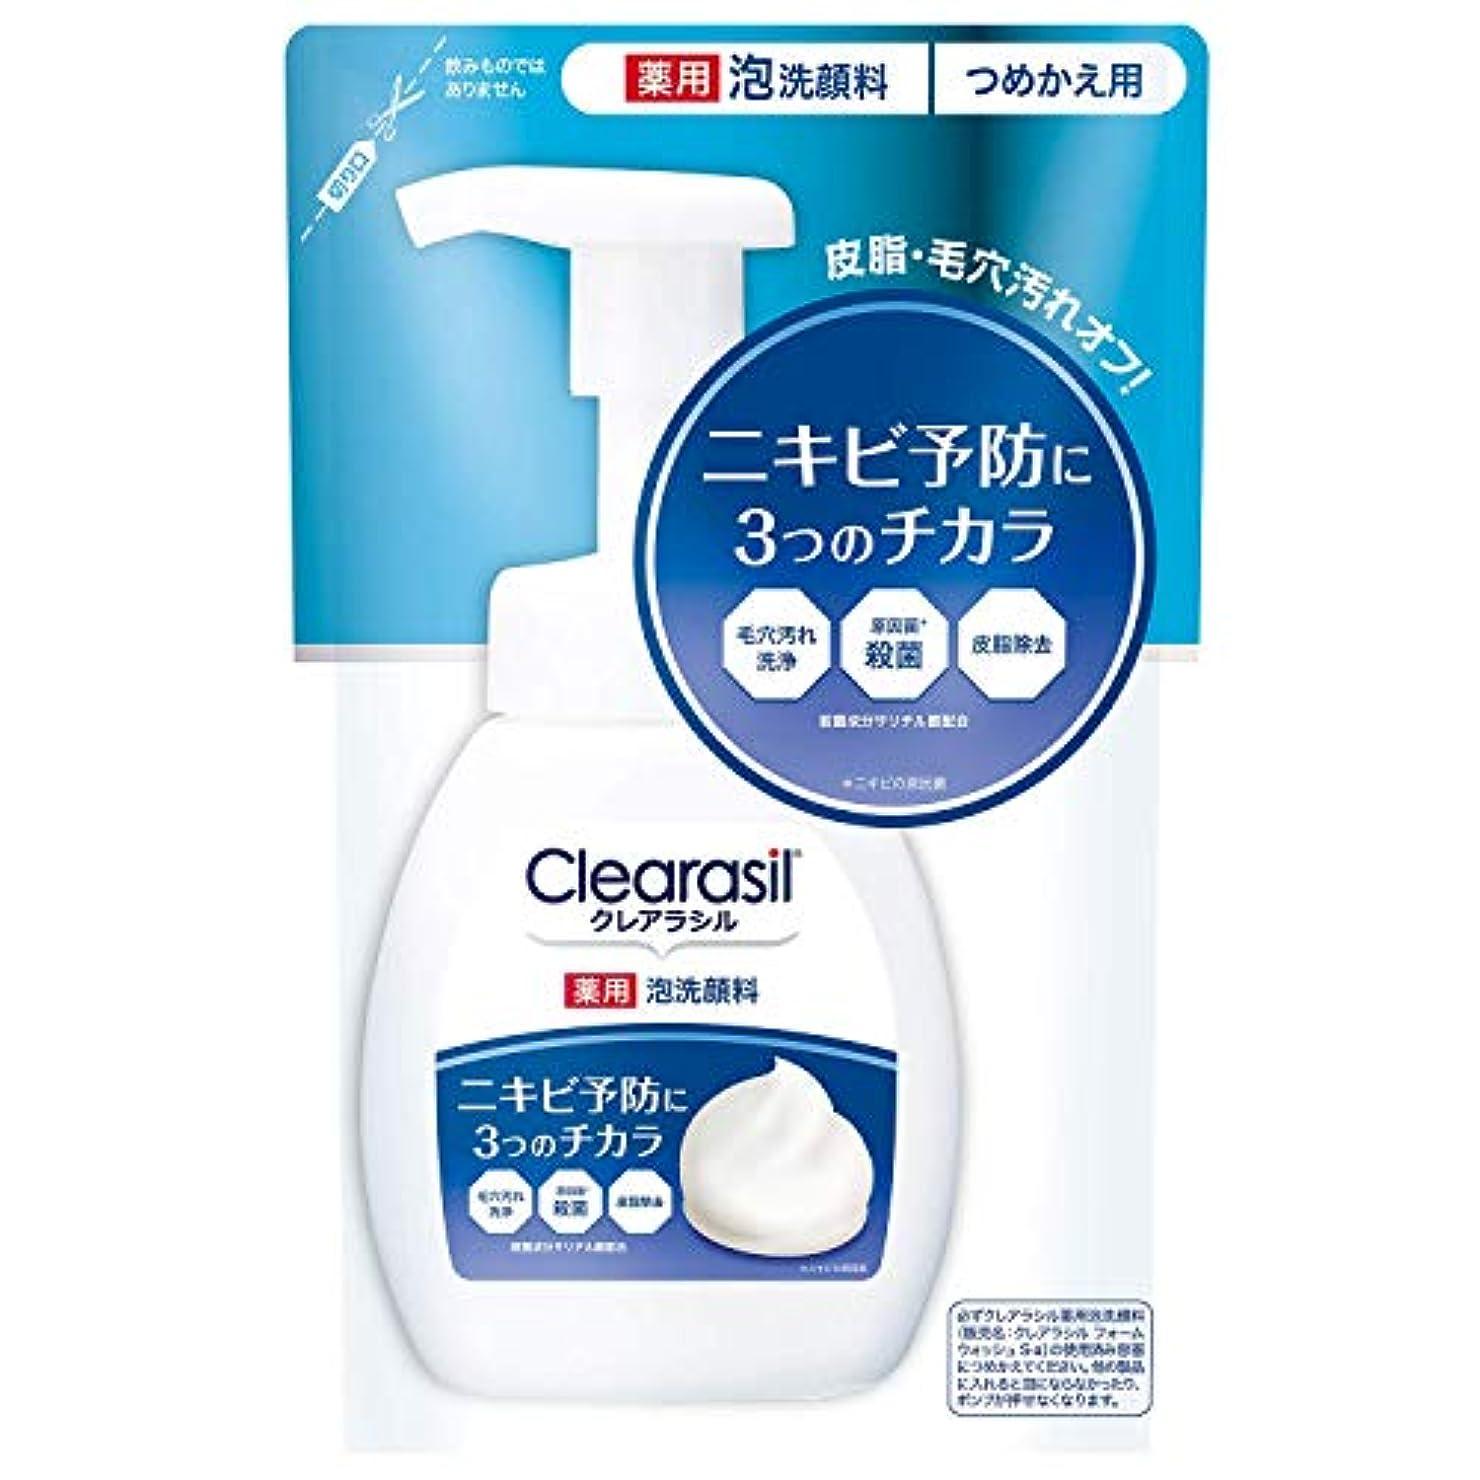 立派なパス補償【clearasil】クレアラシル 薬用泡洗顔フォーム10 つめかえ用 (180ml) ×10個セット